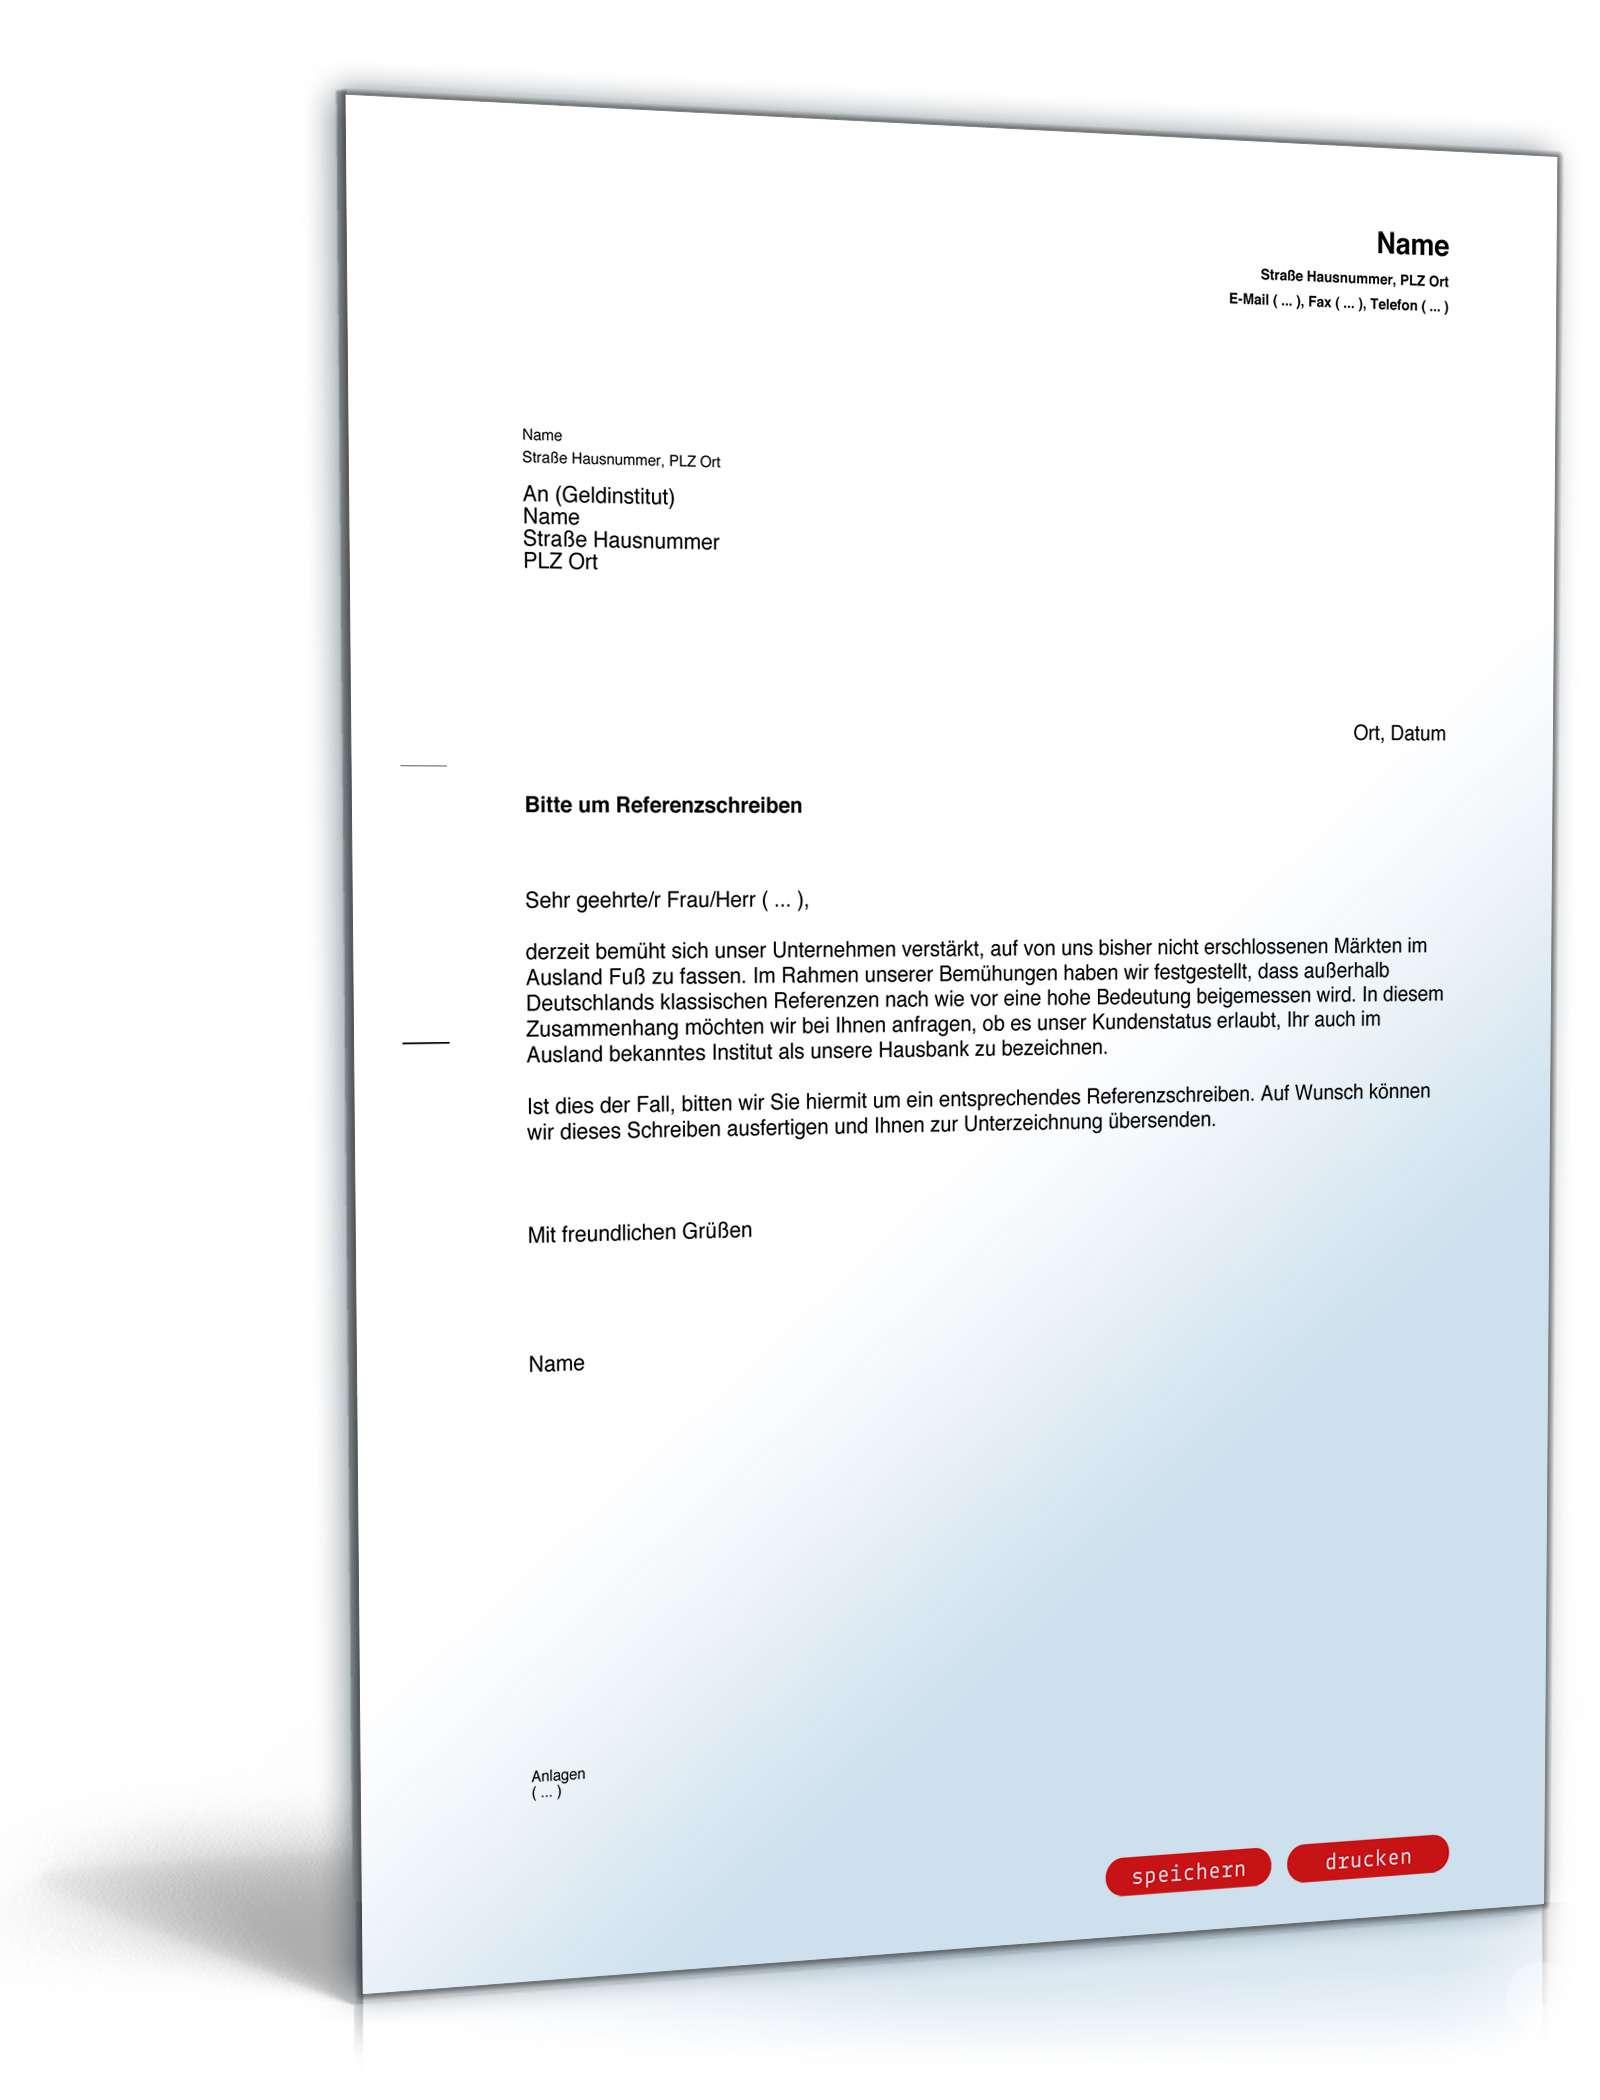 Musterbriefe Geschäftsbriefe : Bitte an bank um referenzschreiben vorlage zum download